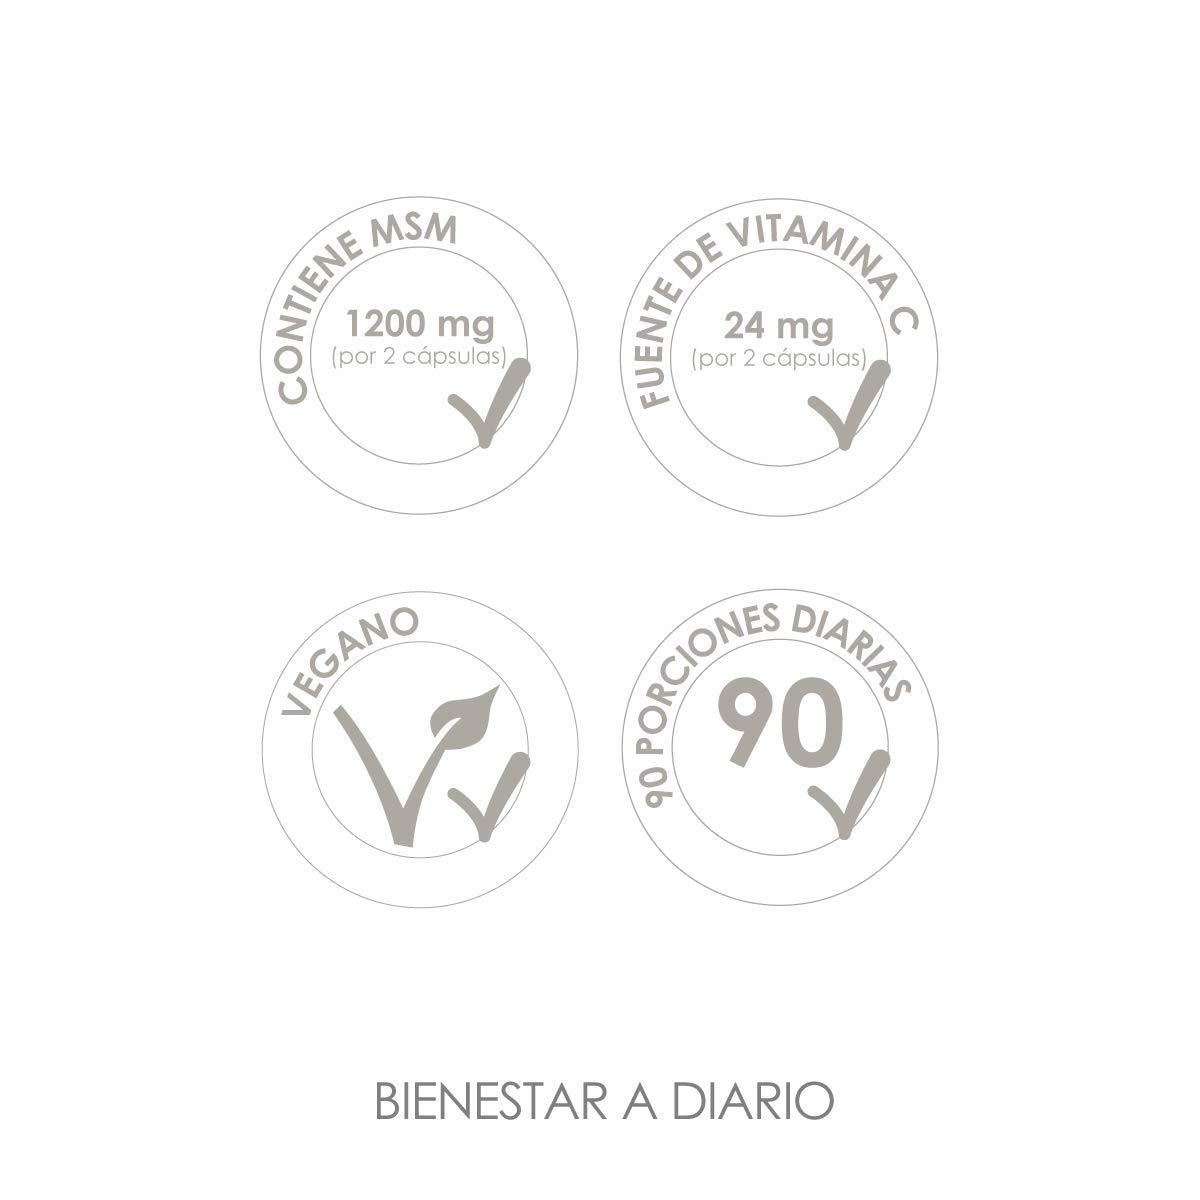 MSM LINEAVI | 1200 mg de metilsulfonilmetano (99,9% puro) | 24 mg de vitamina C | contribuye al funcionamiento normal de huesos y cartílagos | fabricado en ...